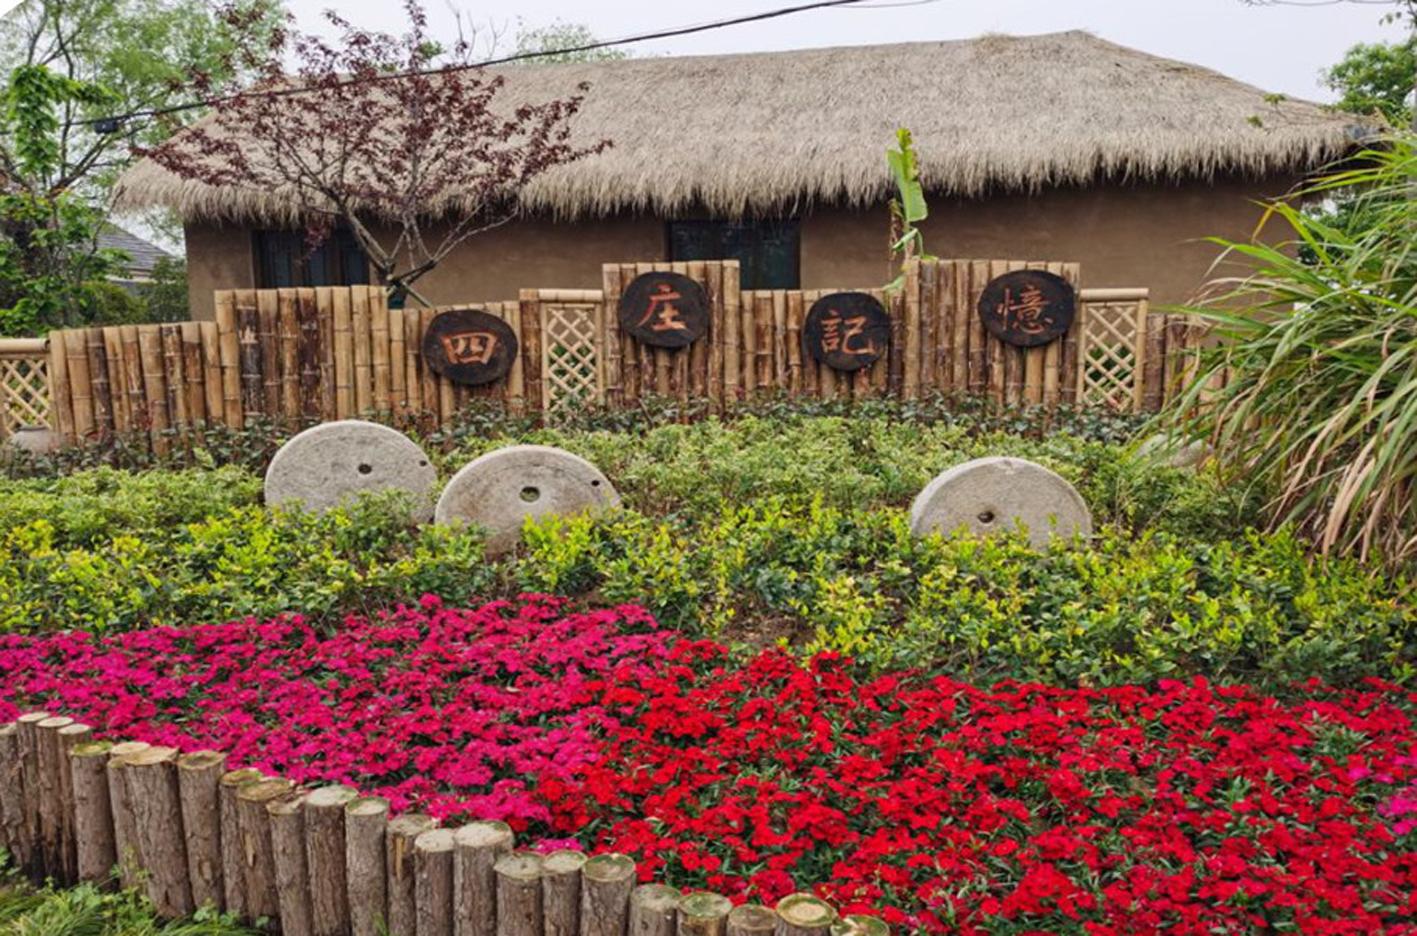 水映稻甜、葡滿黃花 看看這些田園鄉村有啥特色